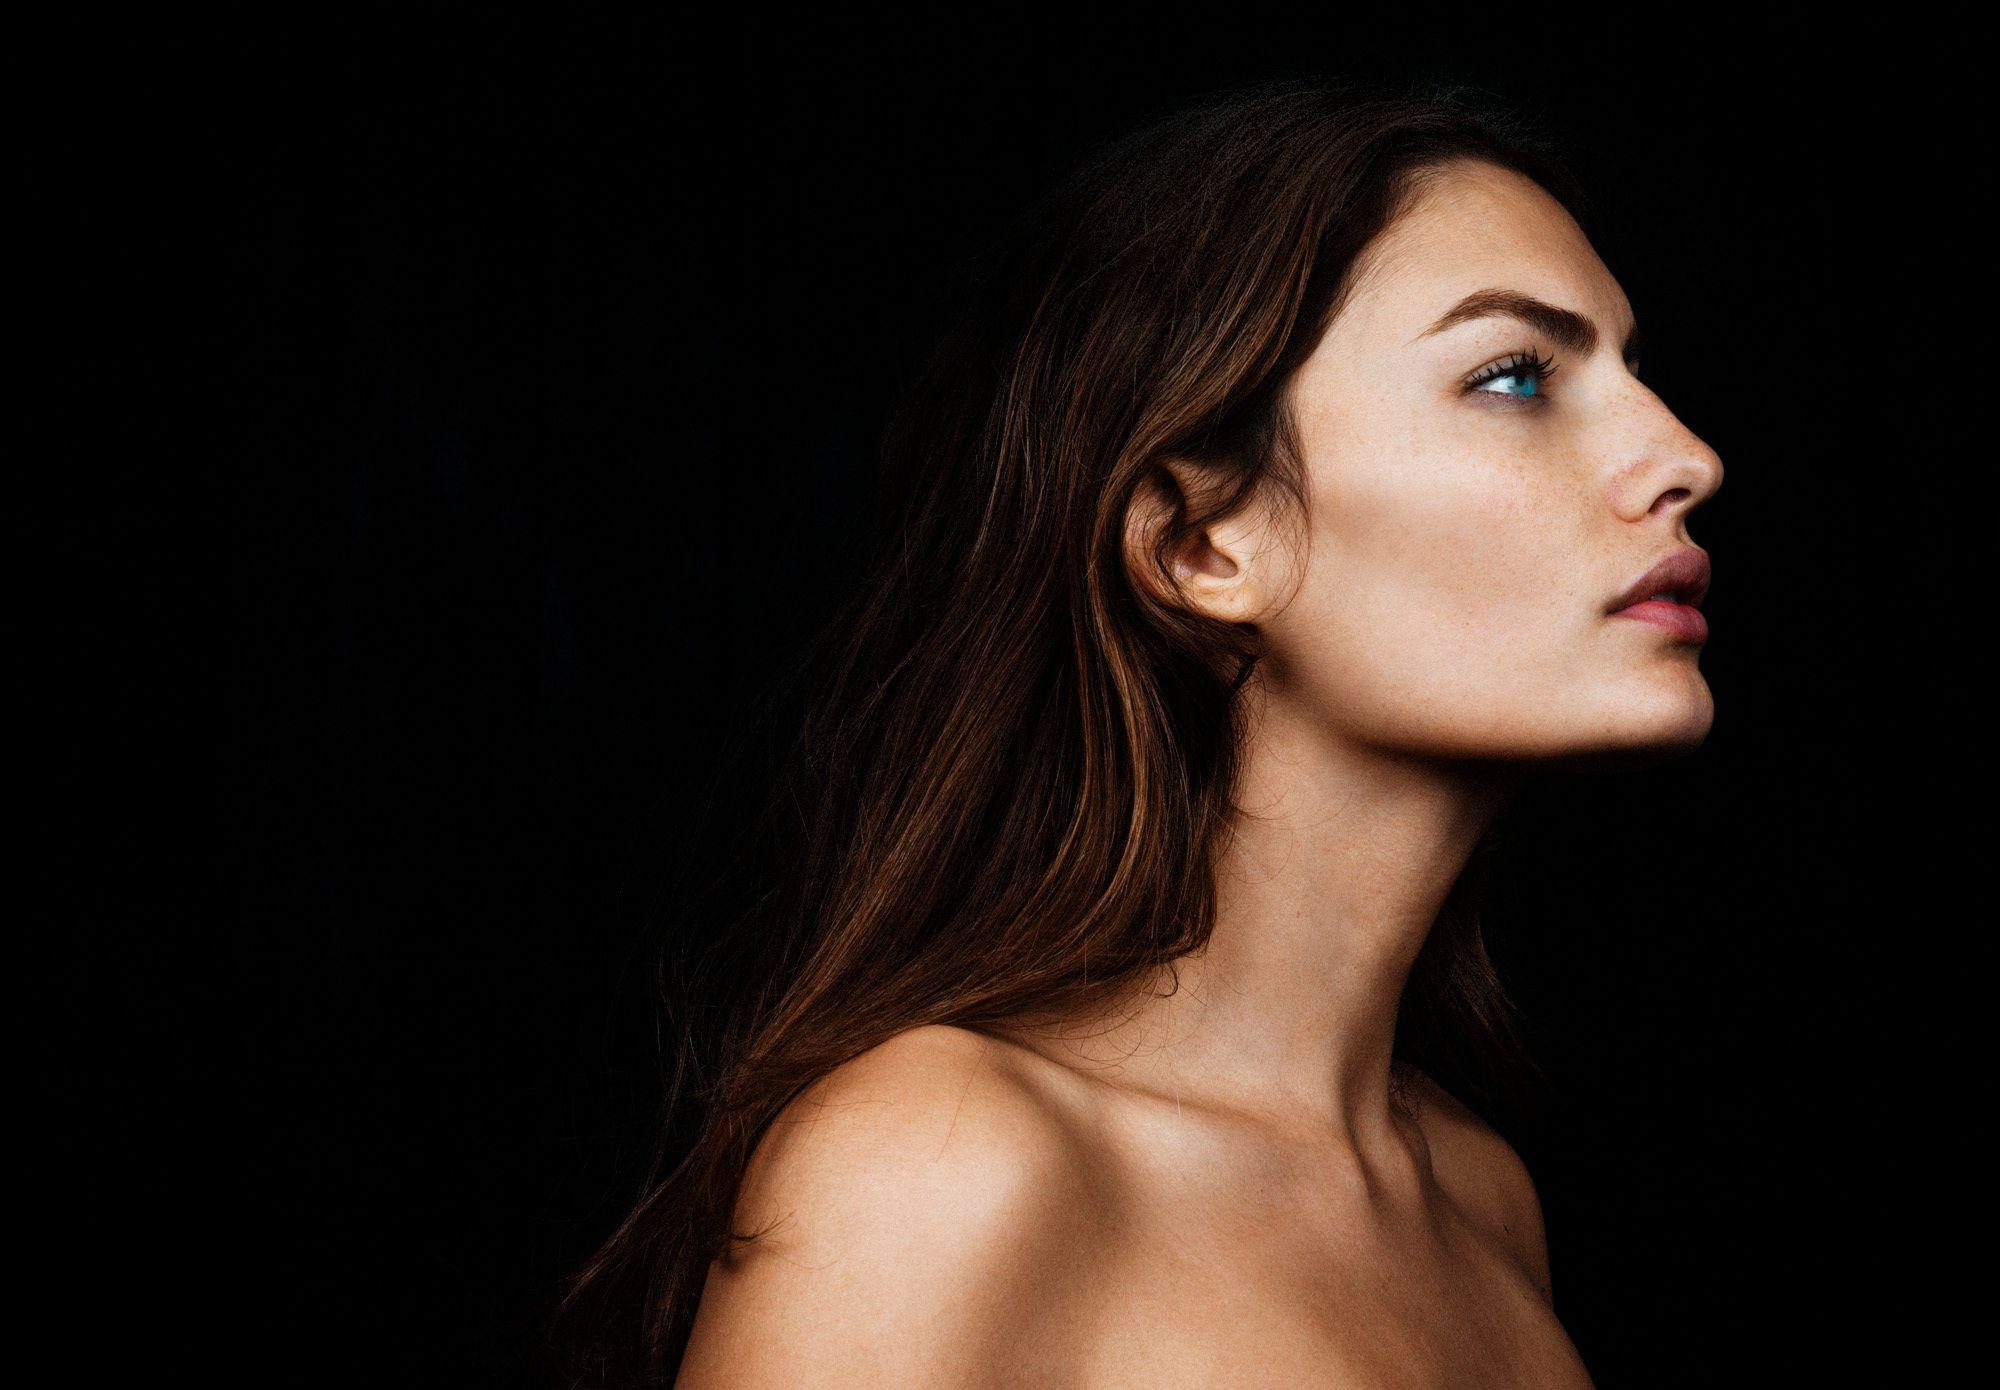 Alyssa-Miller-Nude-1